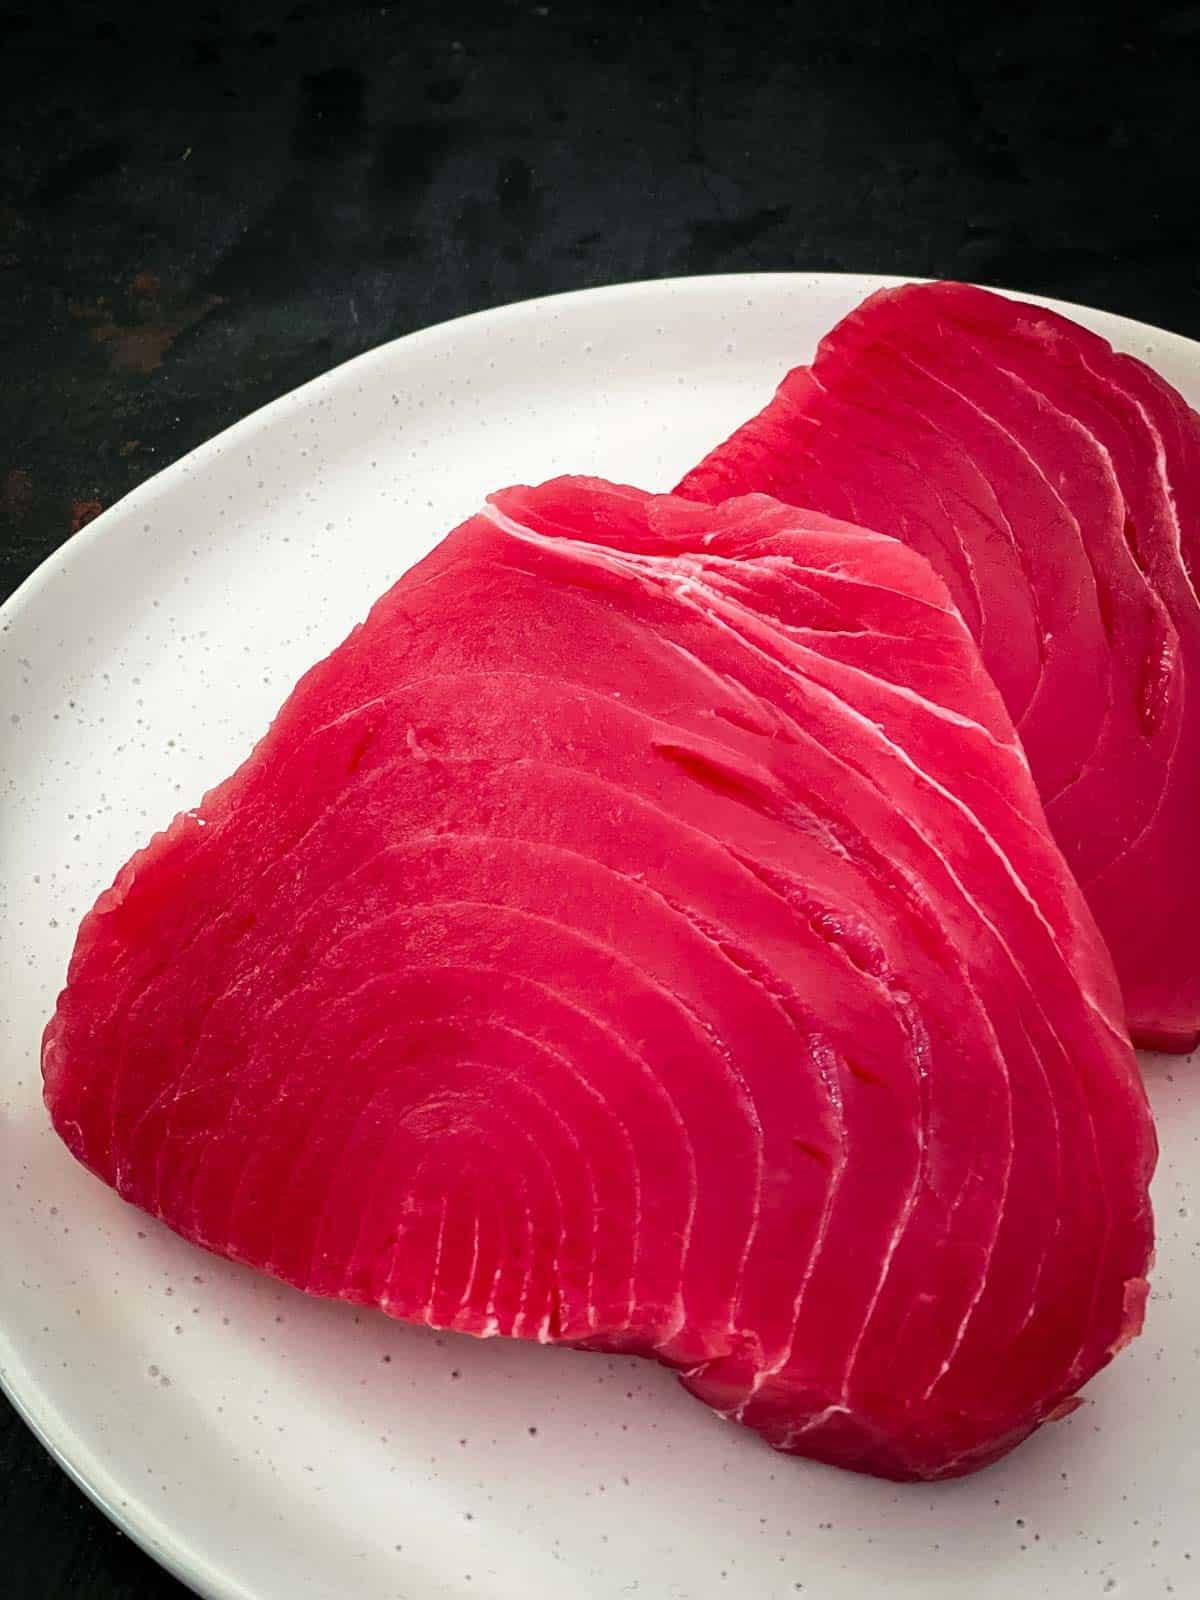 Raw sushi grade tuna steak